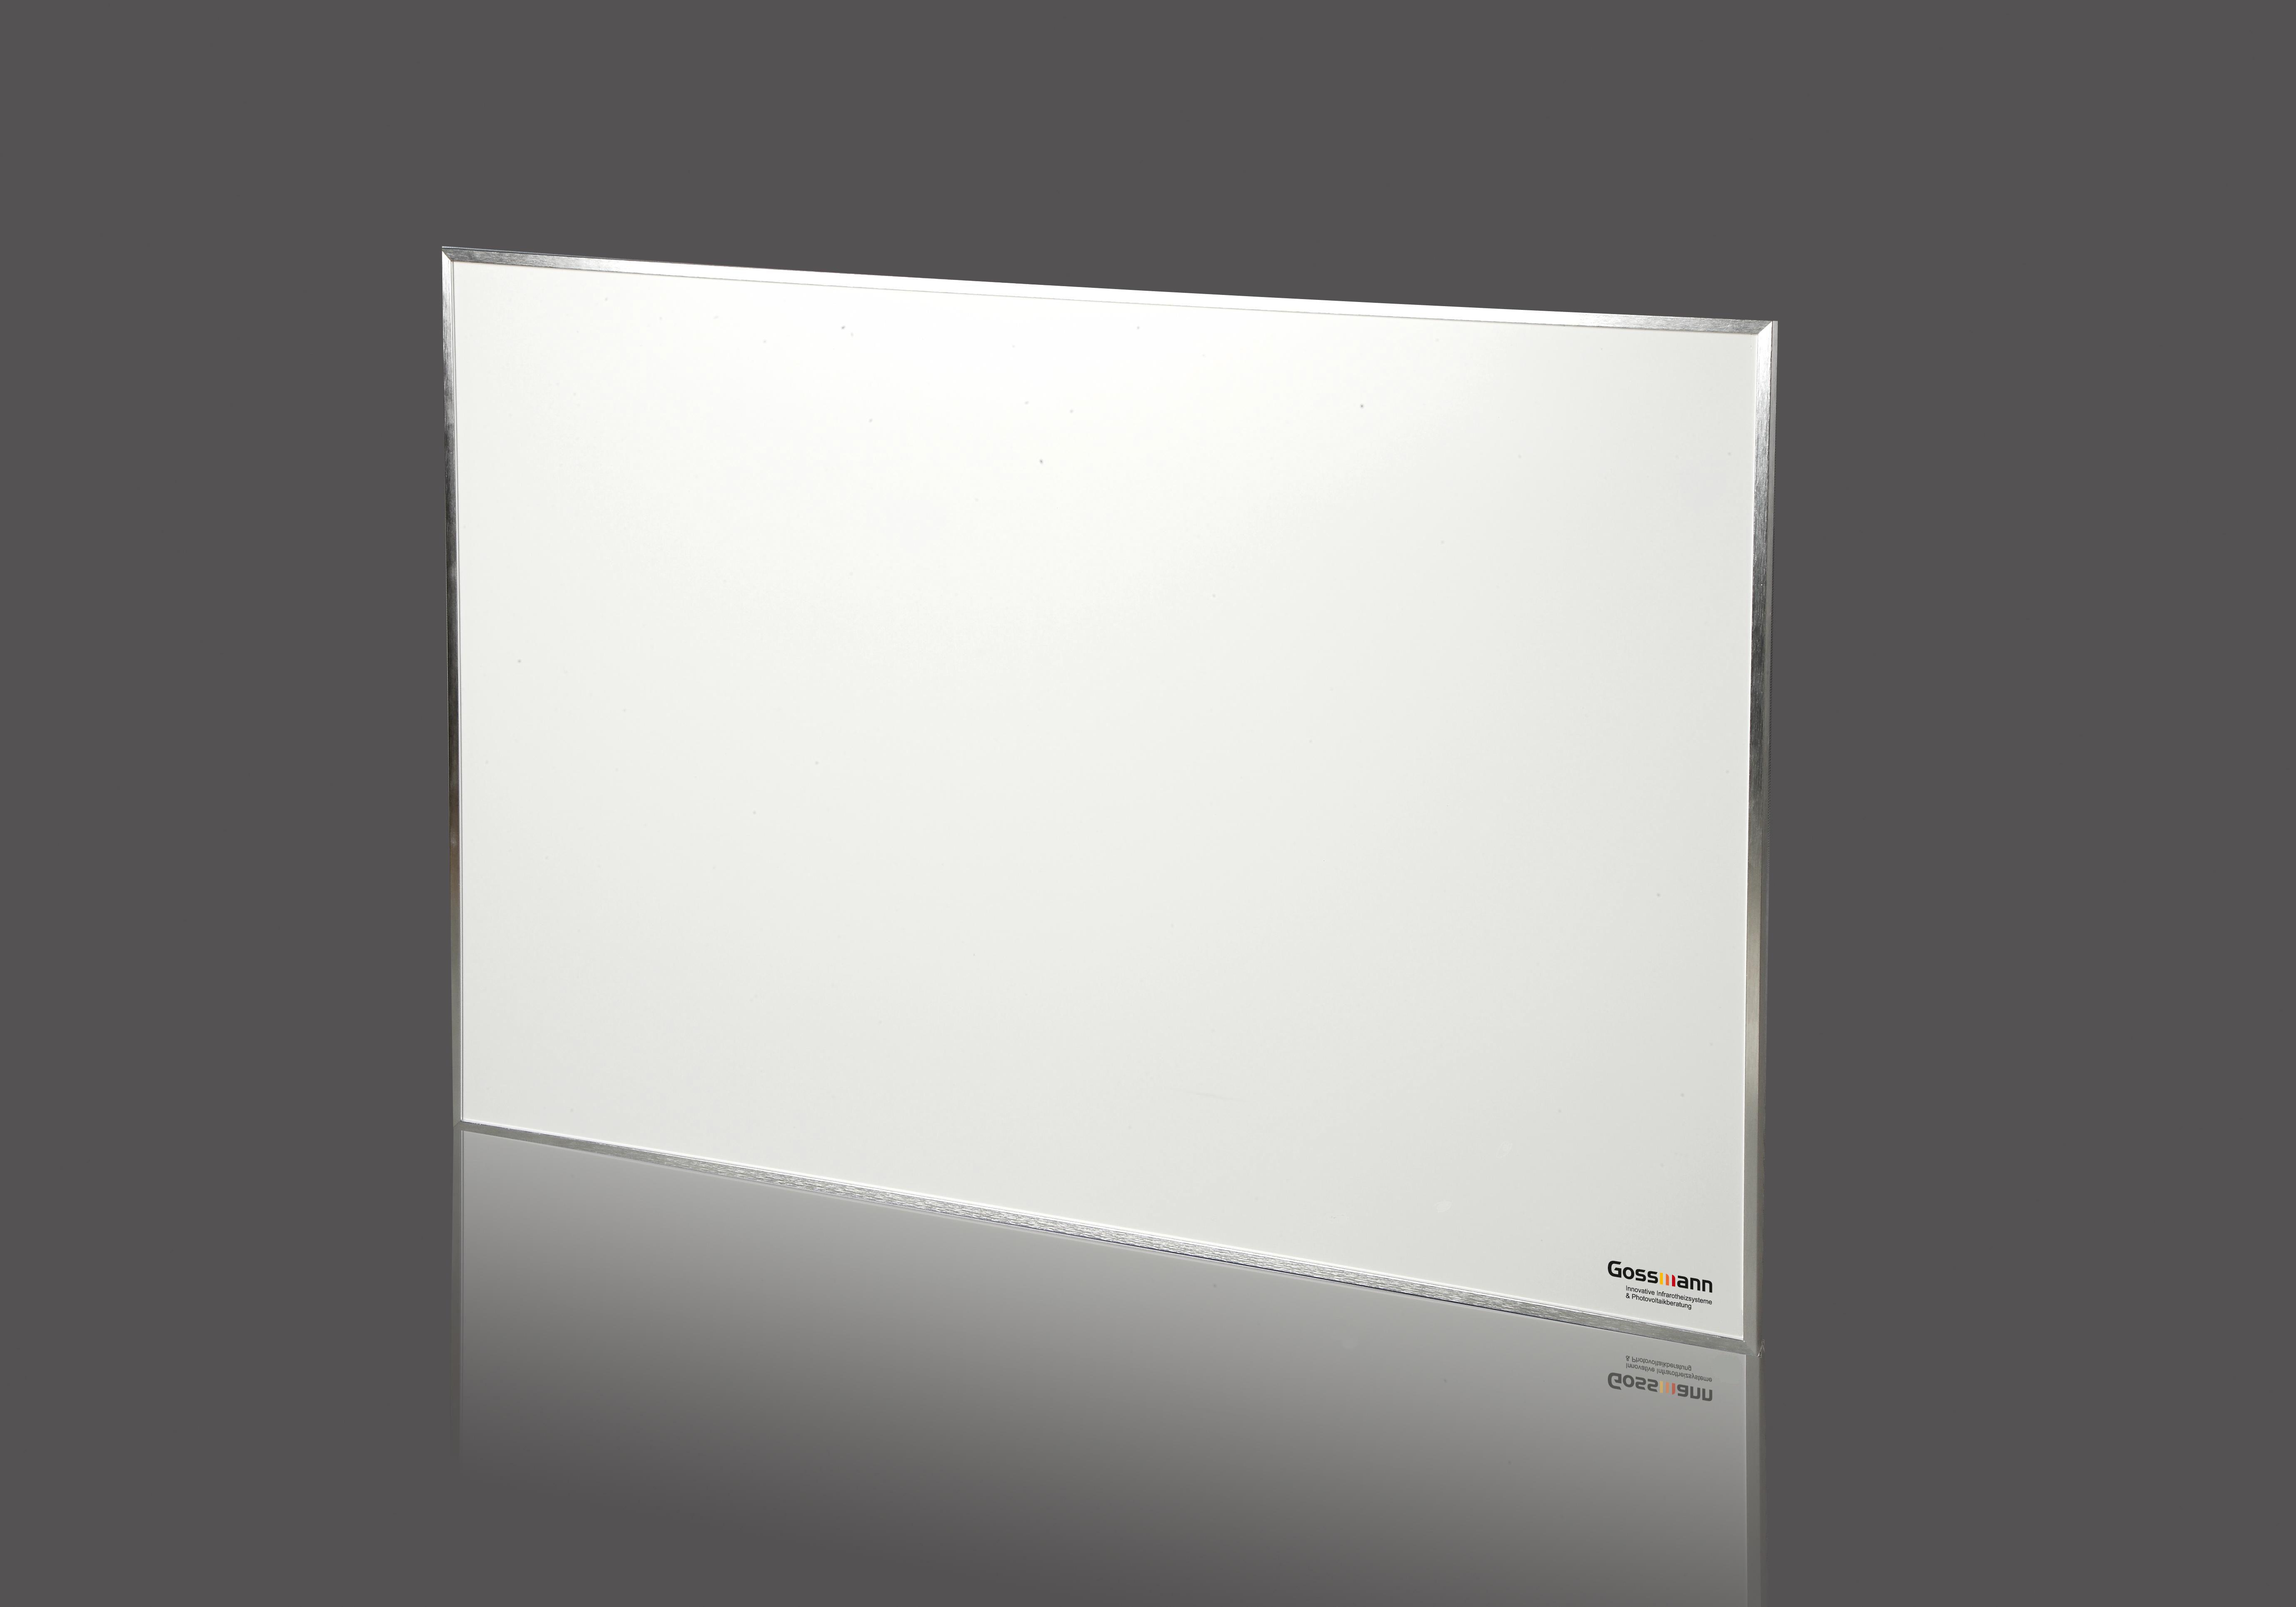 gossmann a270 allrounder pro radiateur infrarouge 270w ir strahler sonelec boutique en ligne. Black Bedroom Furniture Sets. Home Design Ideas